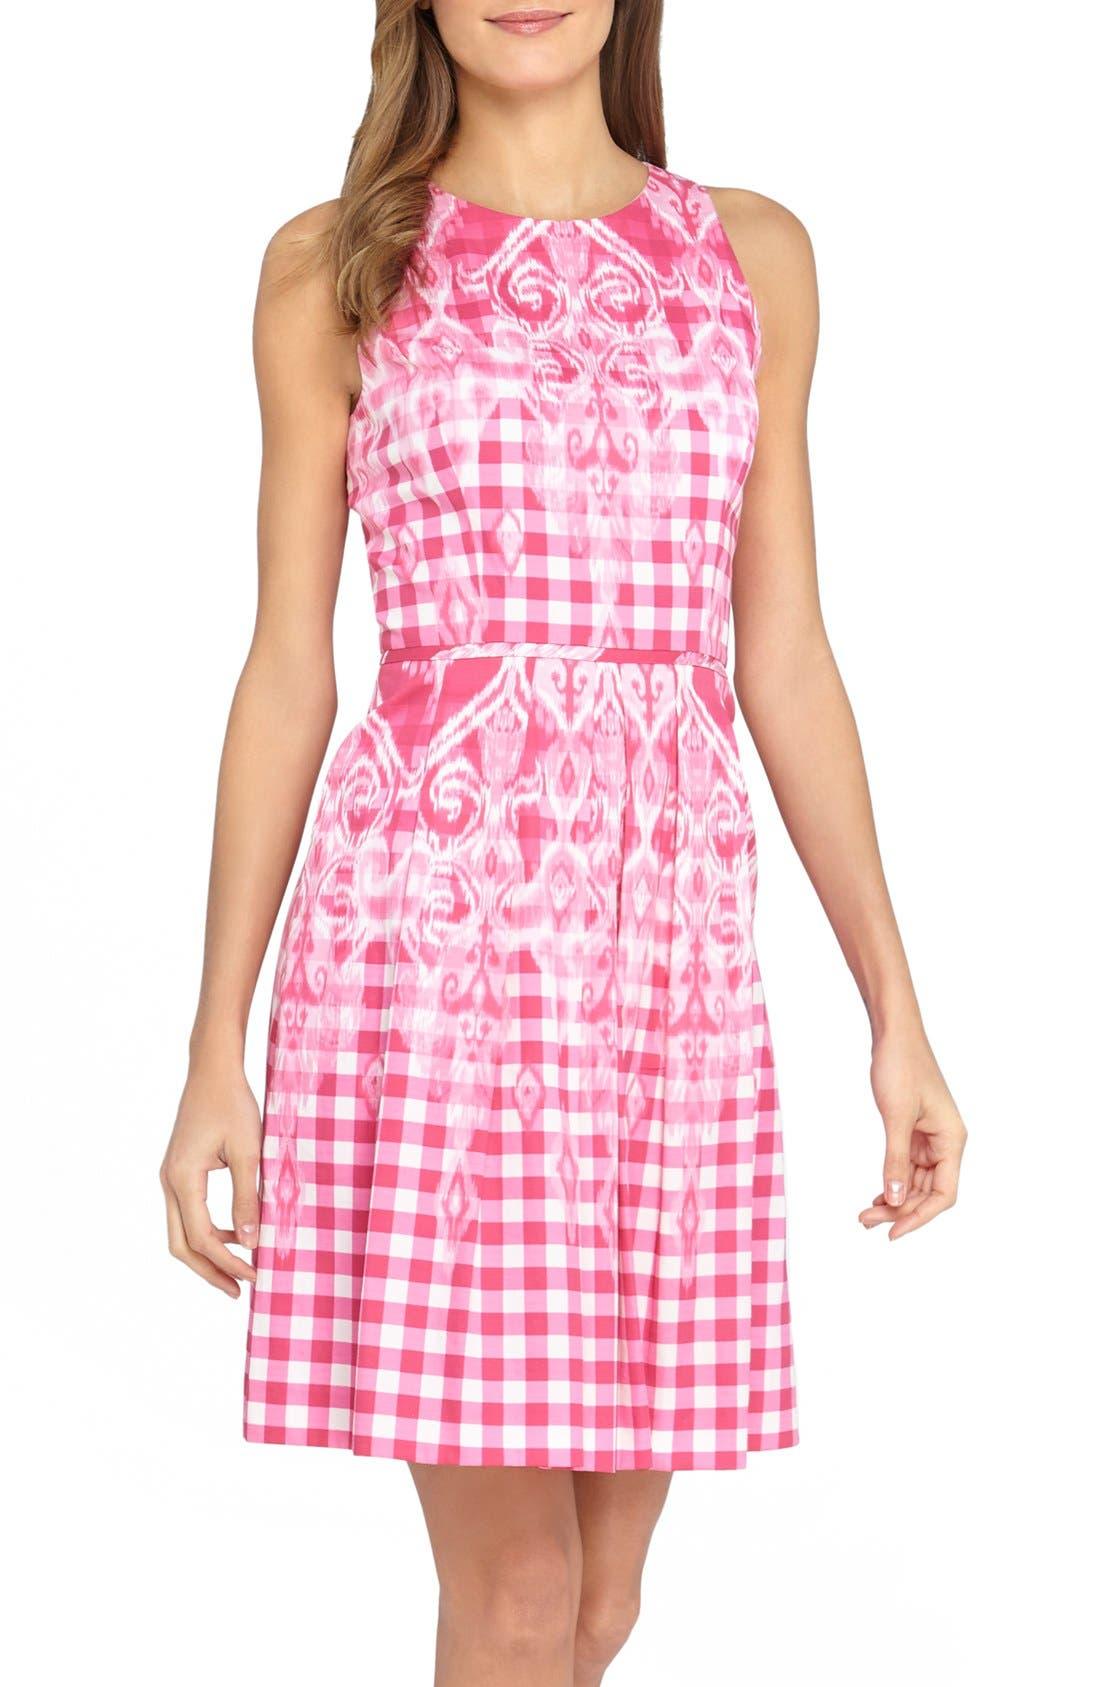 Alternate Image 1 Selected - Tahari Gingham Print Fit & Flare Dress (Regular & Petite)